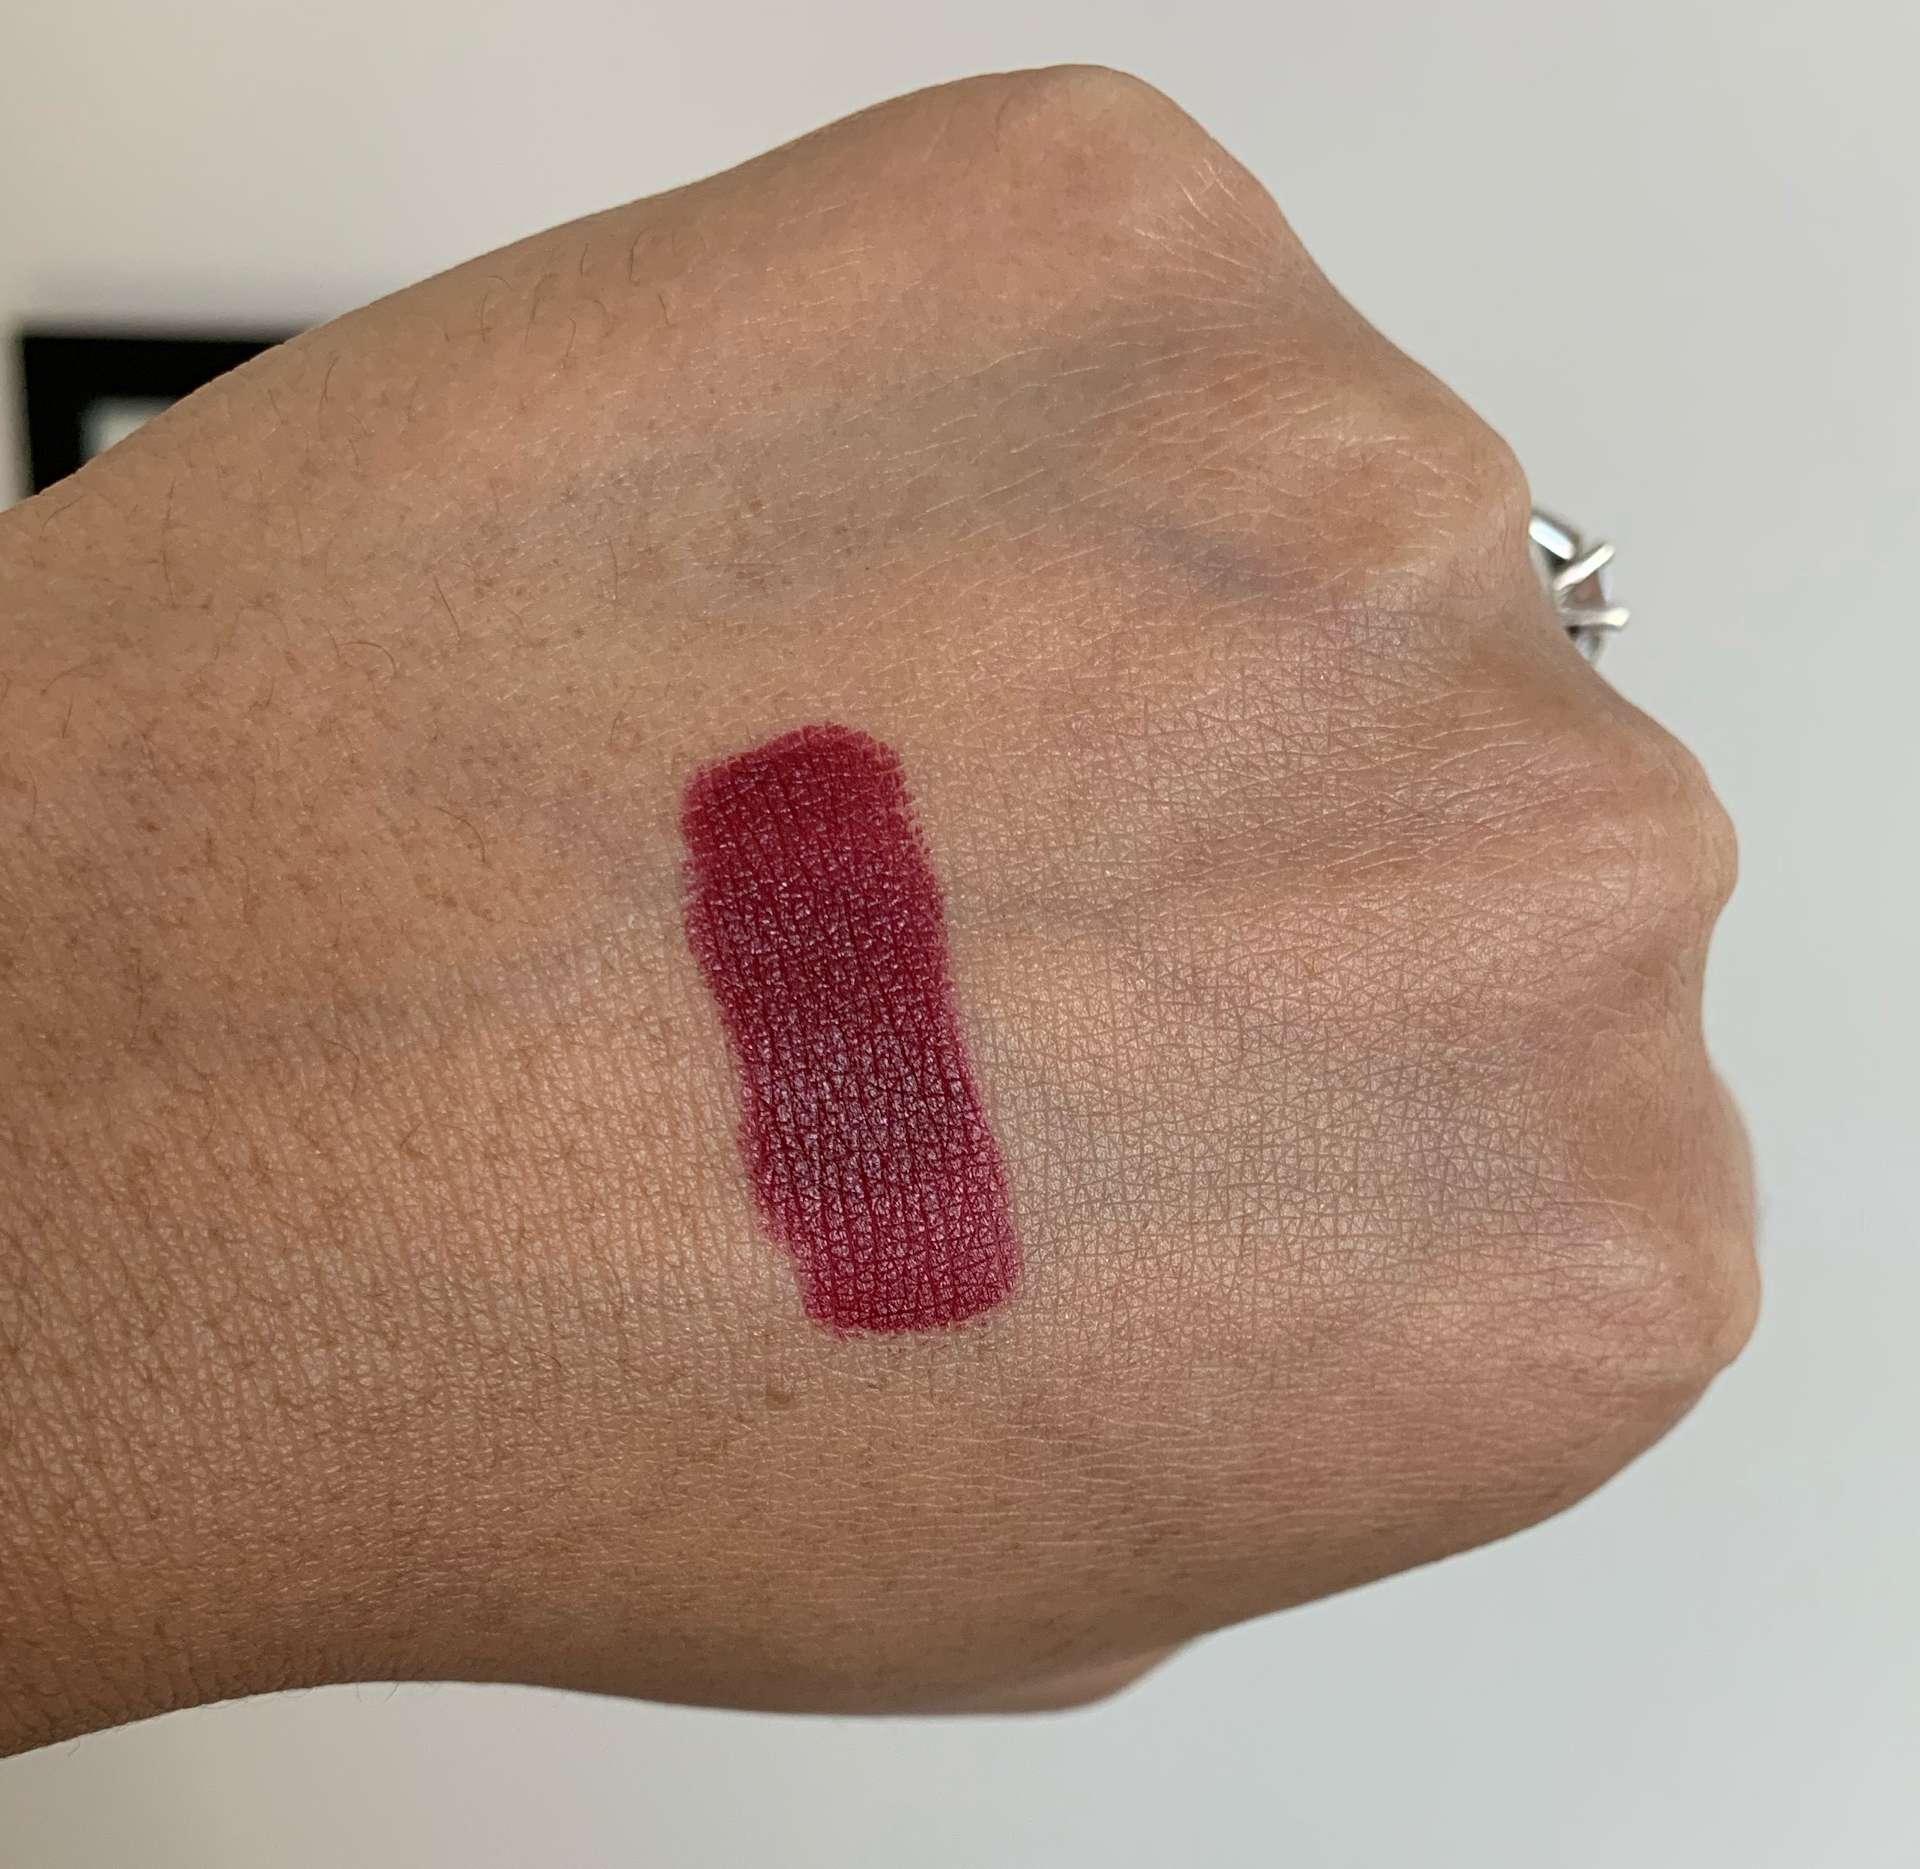 MAC Diva Matte Lipstick Swatch on Medium Dark Skin